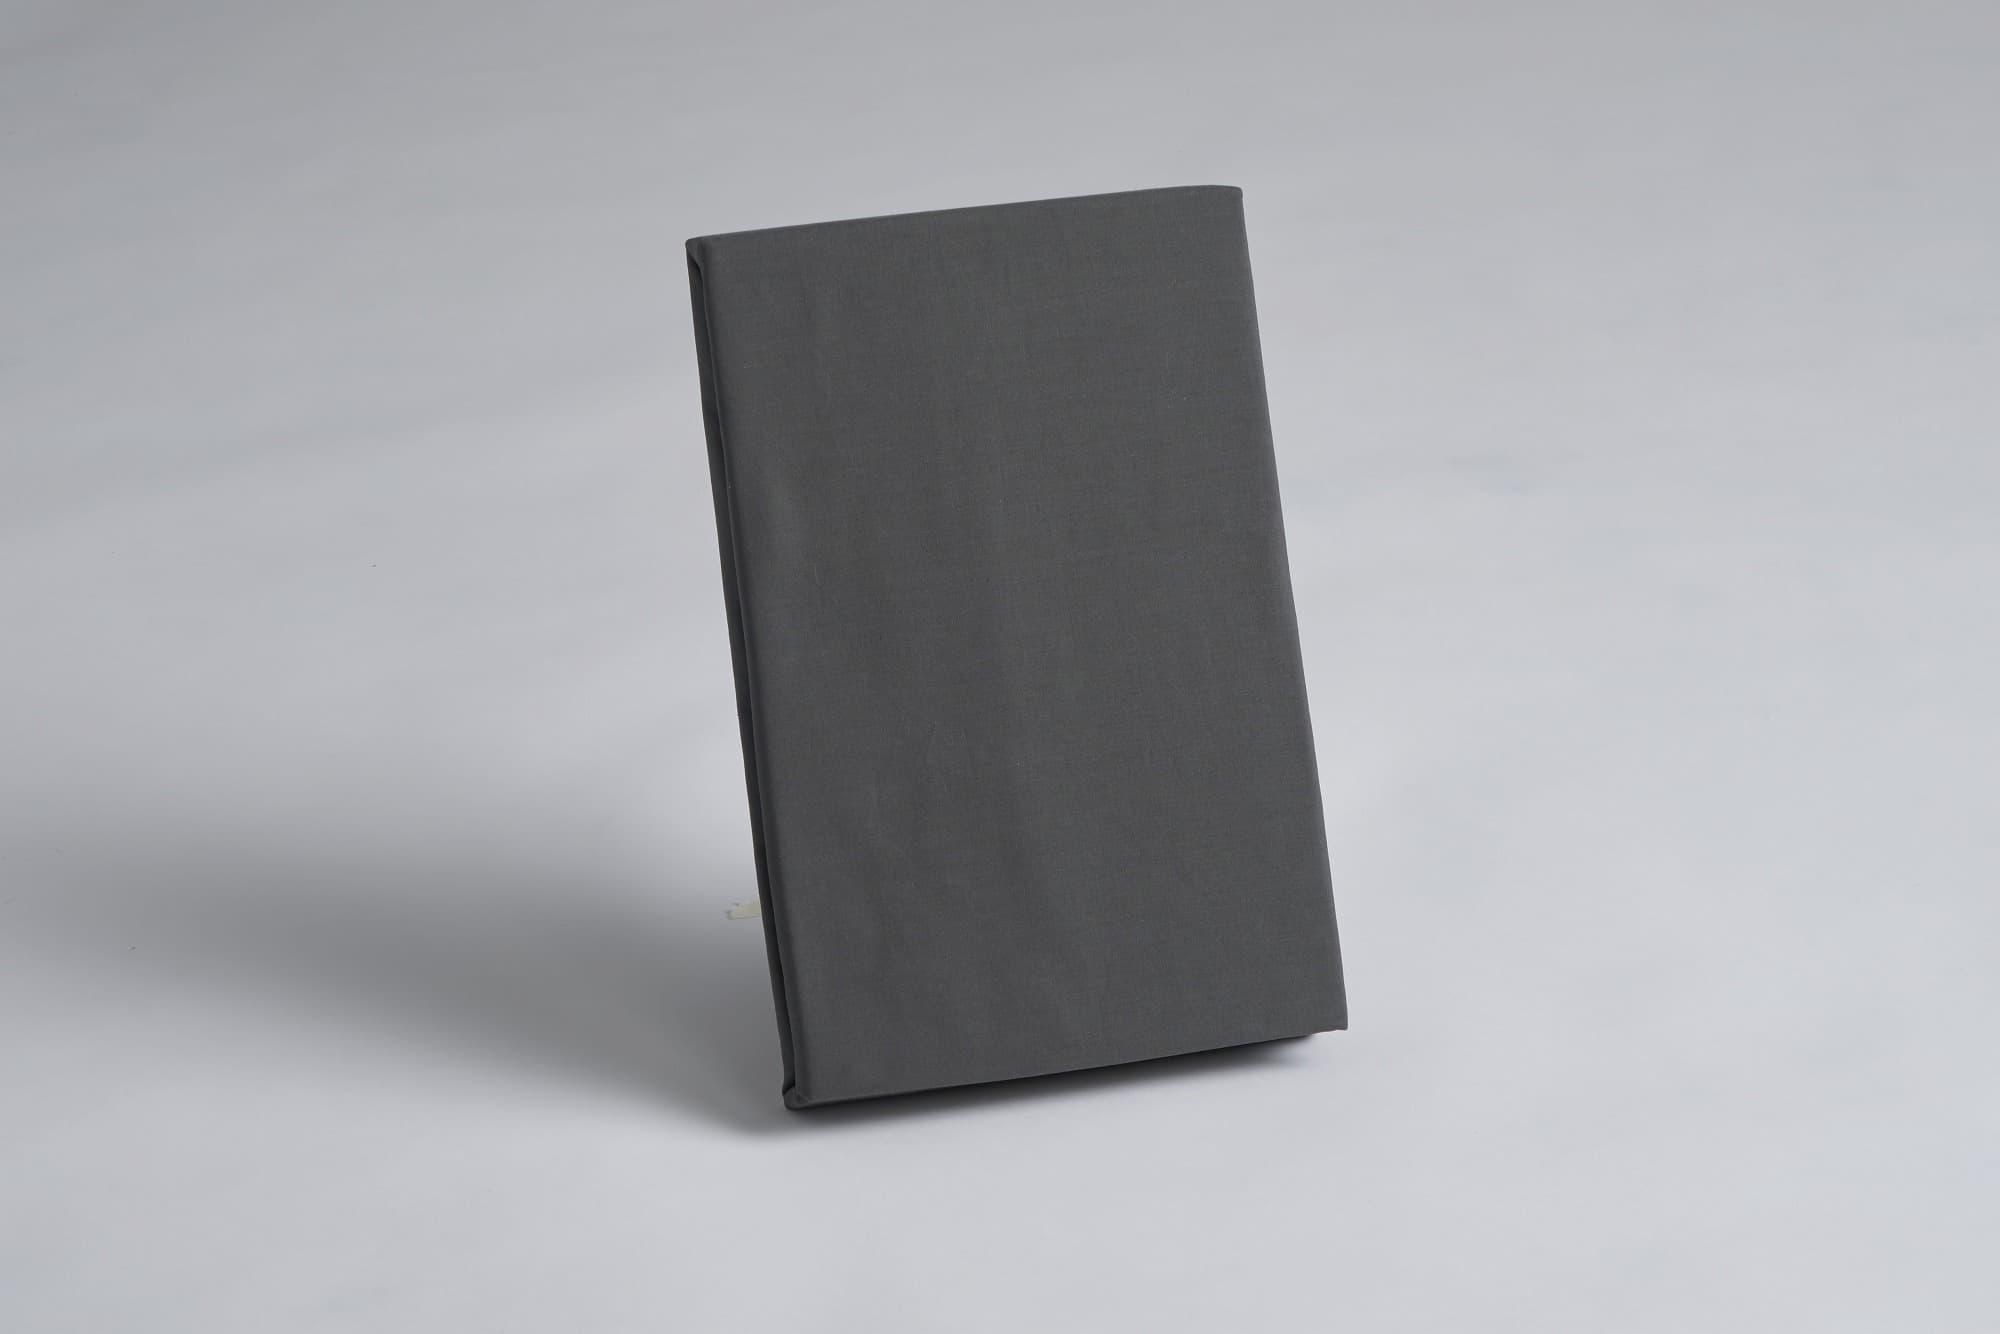 ボックスシーツ シングル用 36H グレー:《綿100%を使用したボックスシーツ》